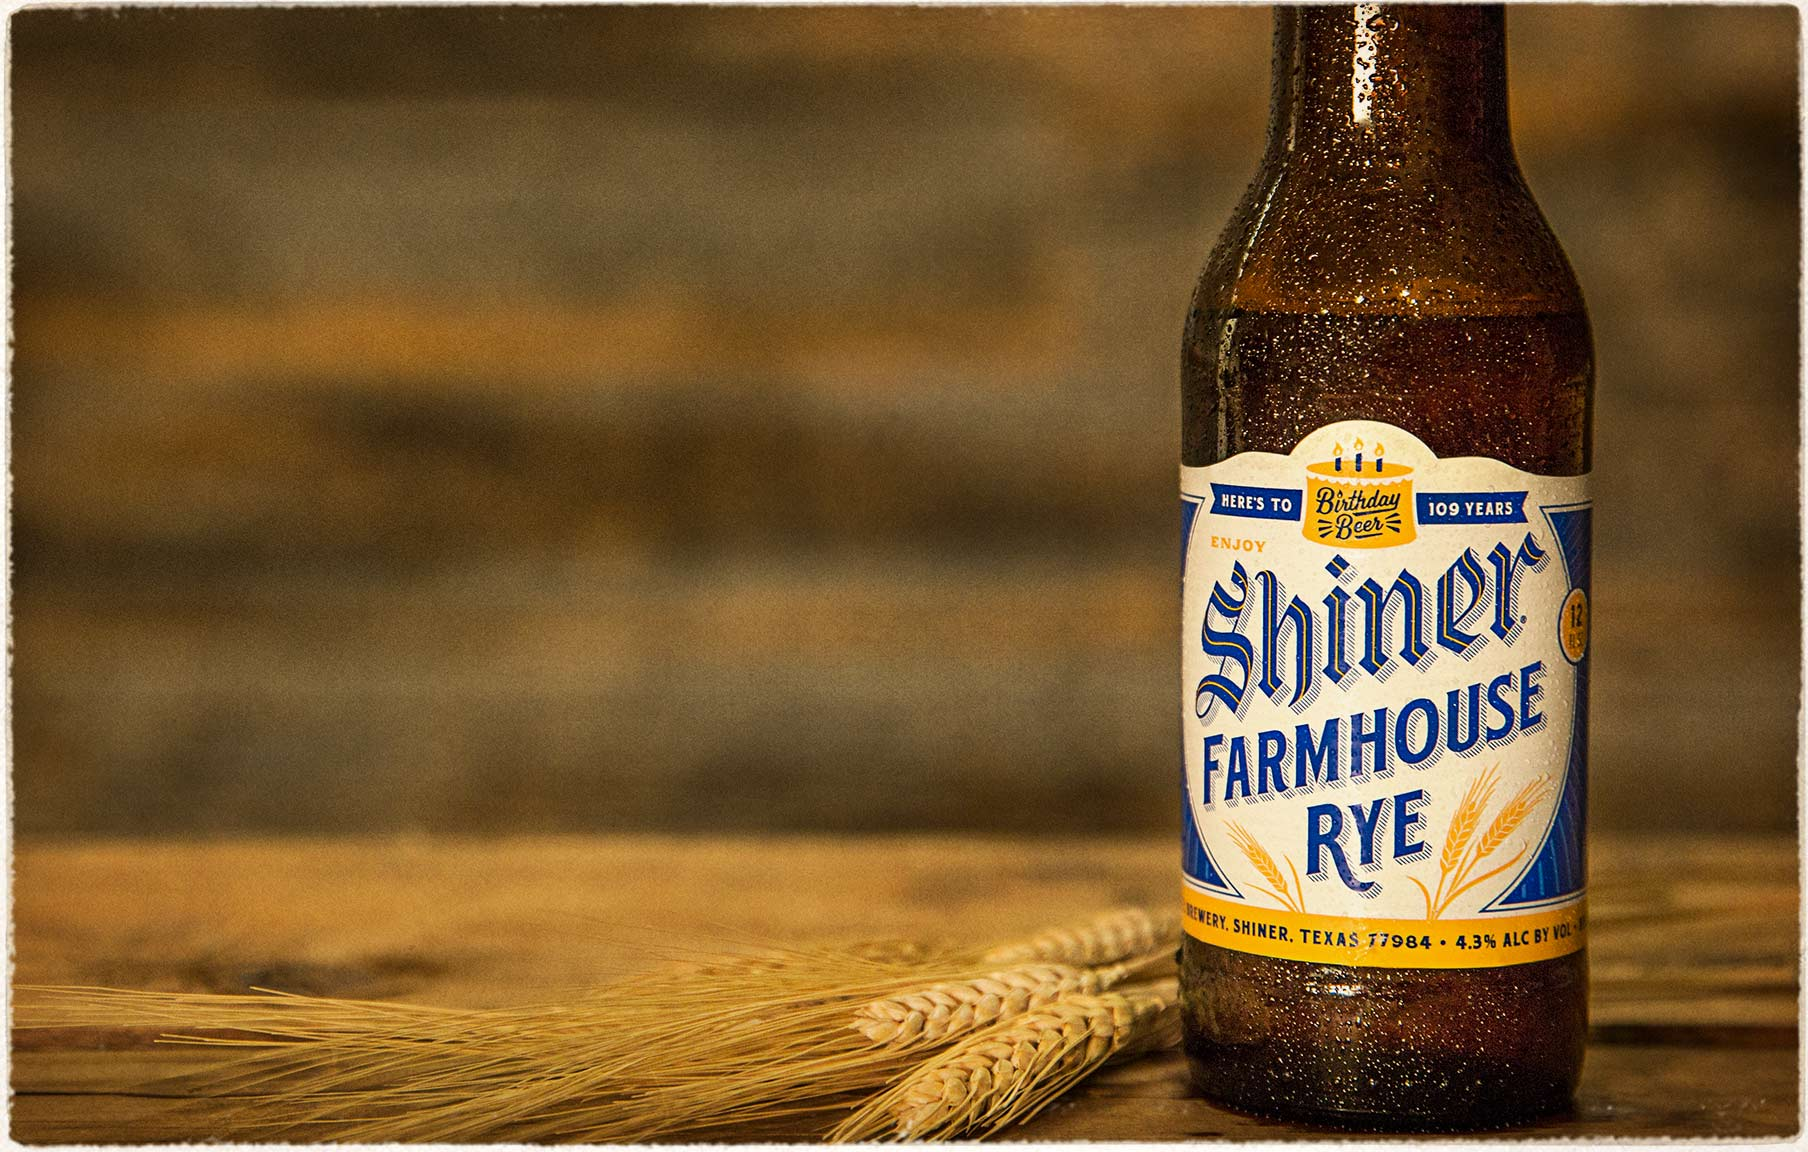 Farmhouse Rye